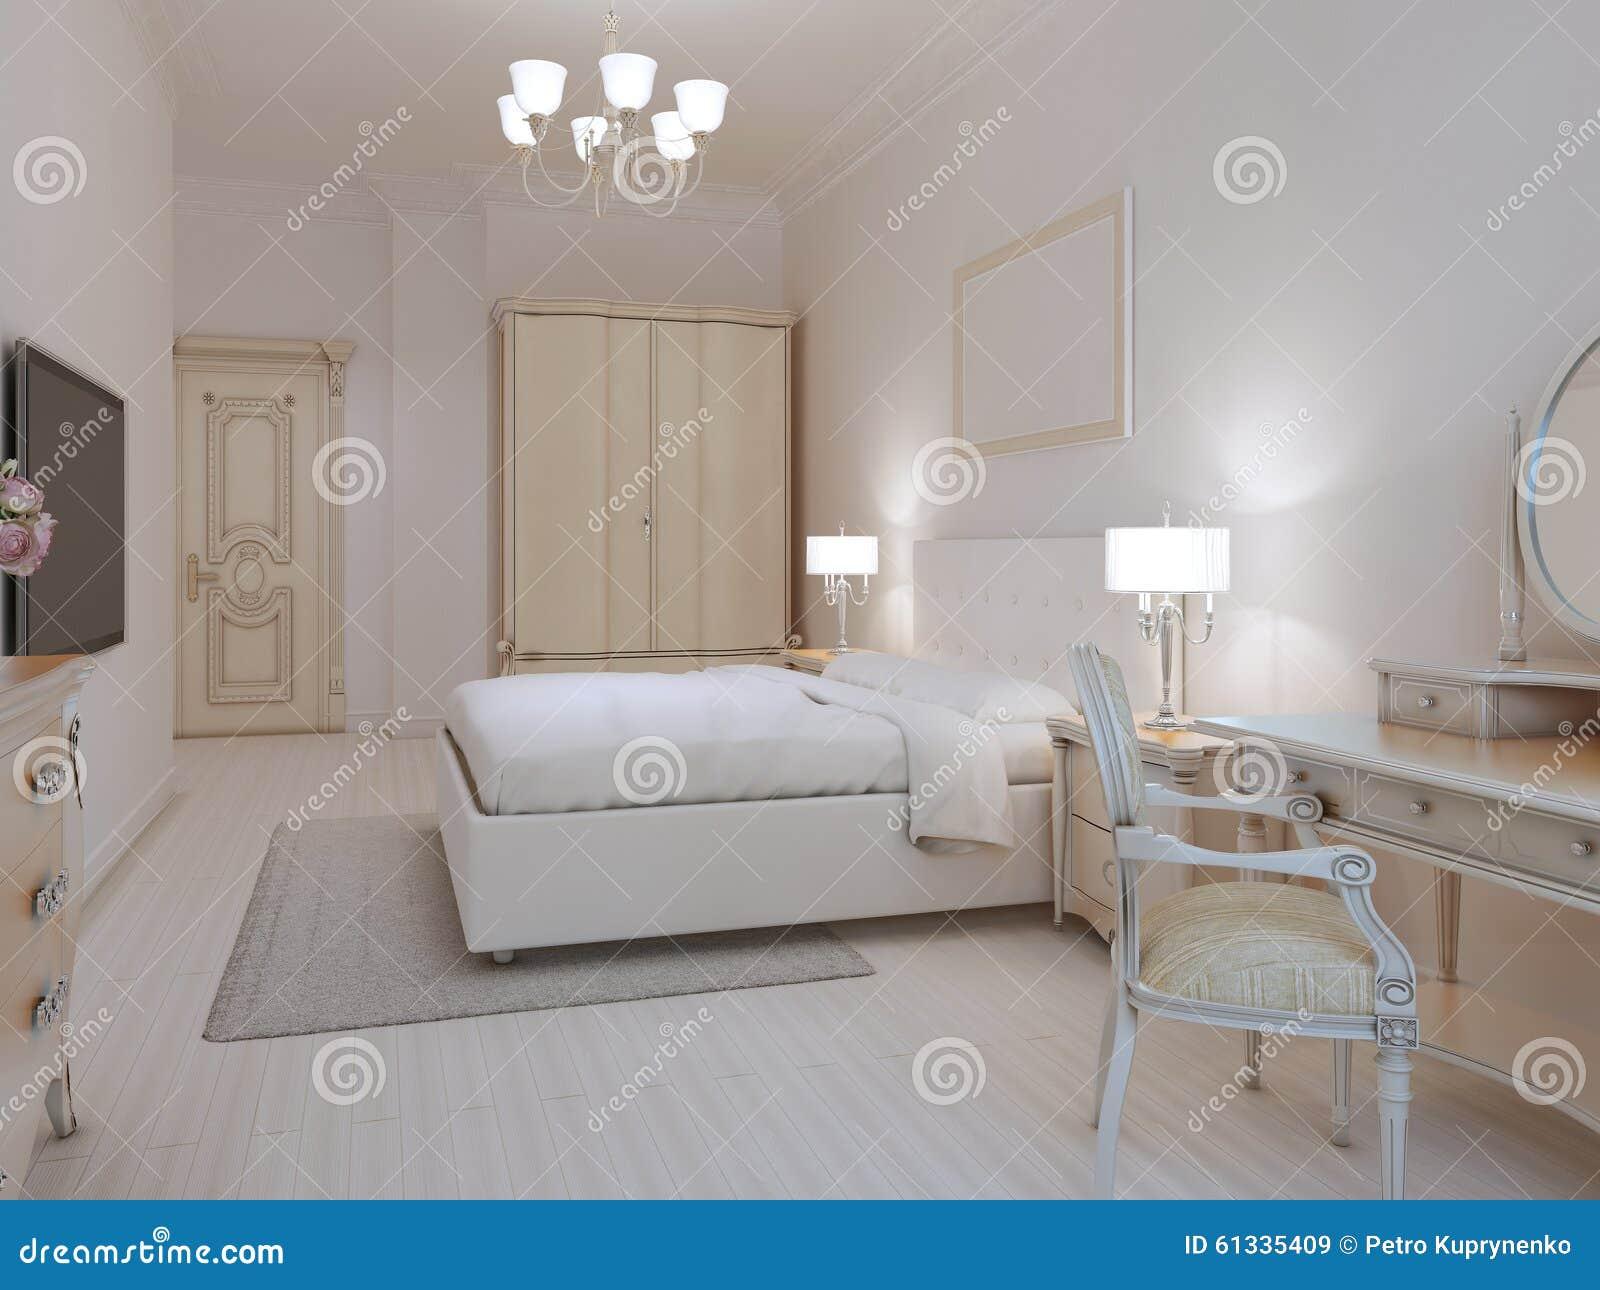 Camere Da Letto Art Deco : Stile bianco di art deco della camera da letto illustrazione di